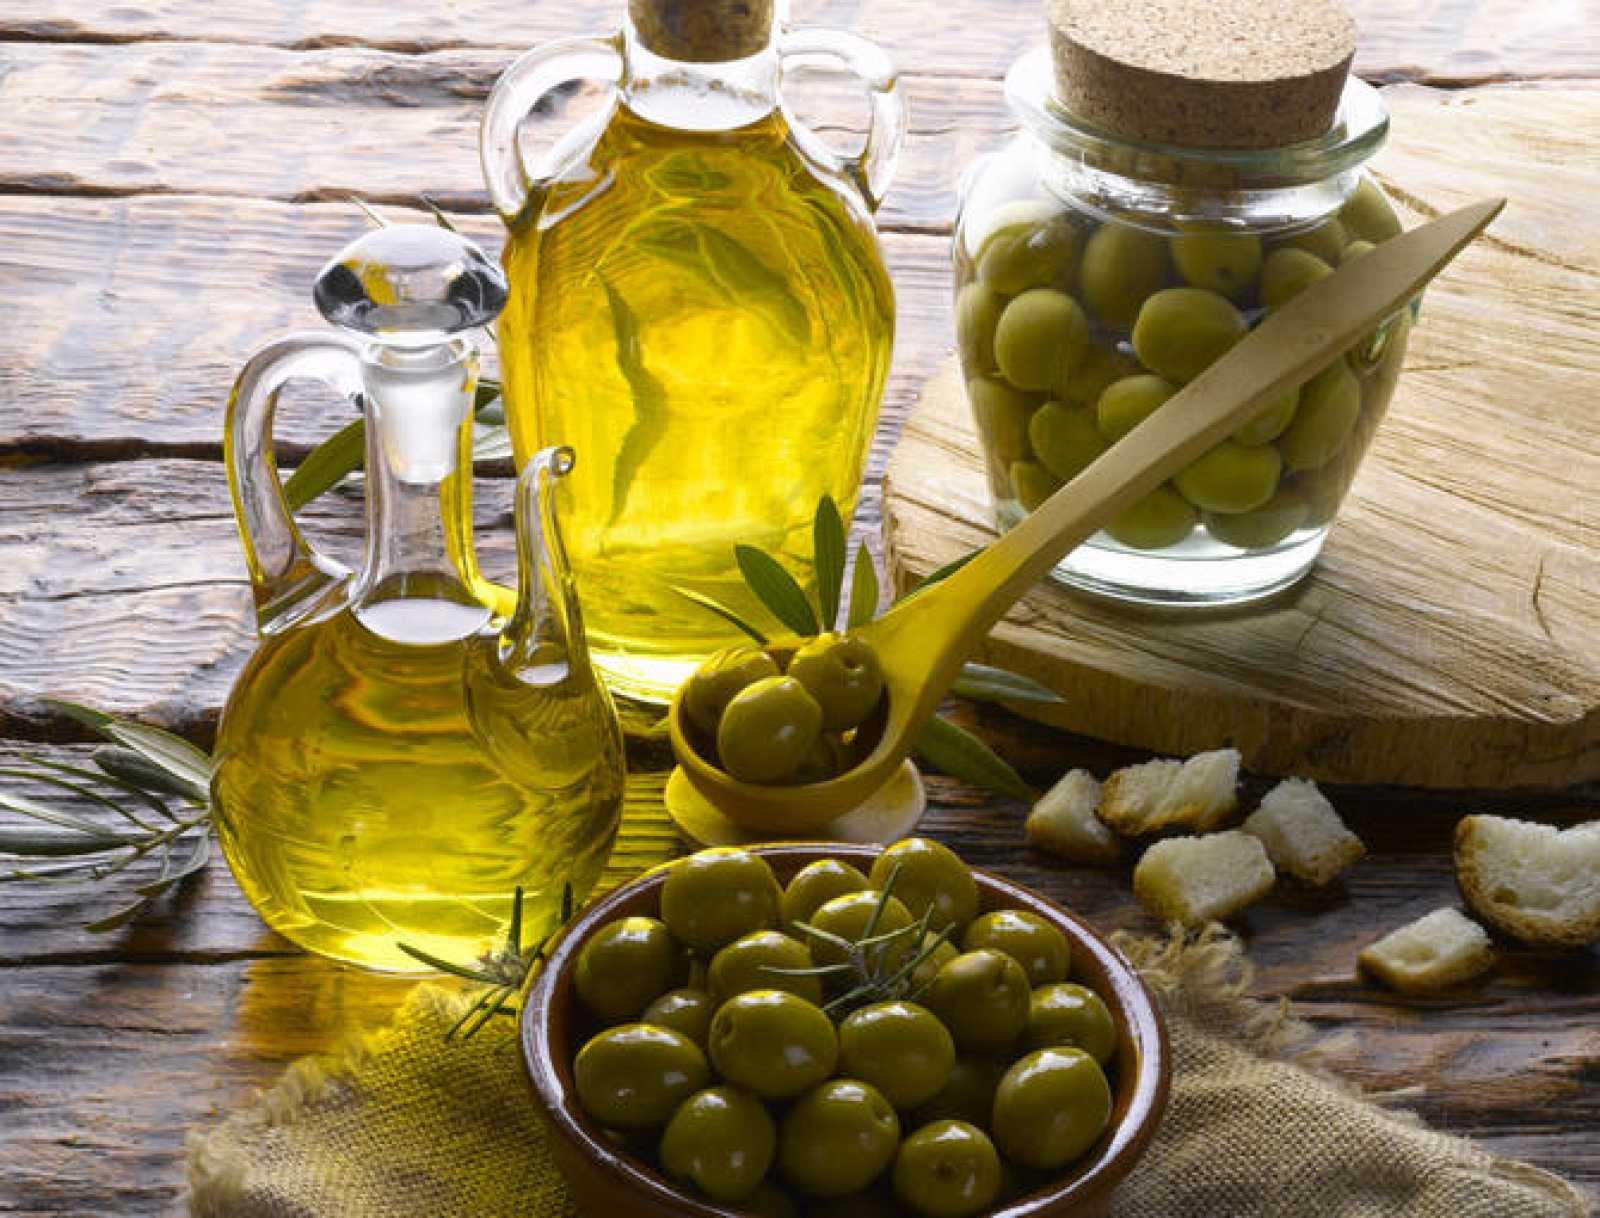 El Comité de Gestión de Mercados aprueba la retirada de toneladas de aceite de oliva español